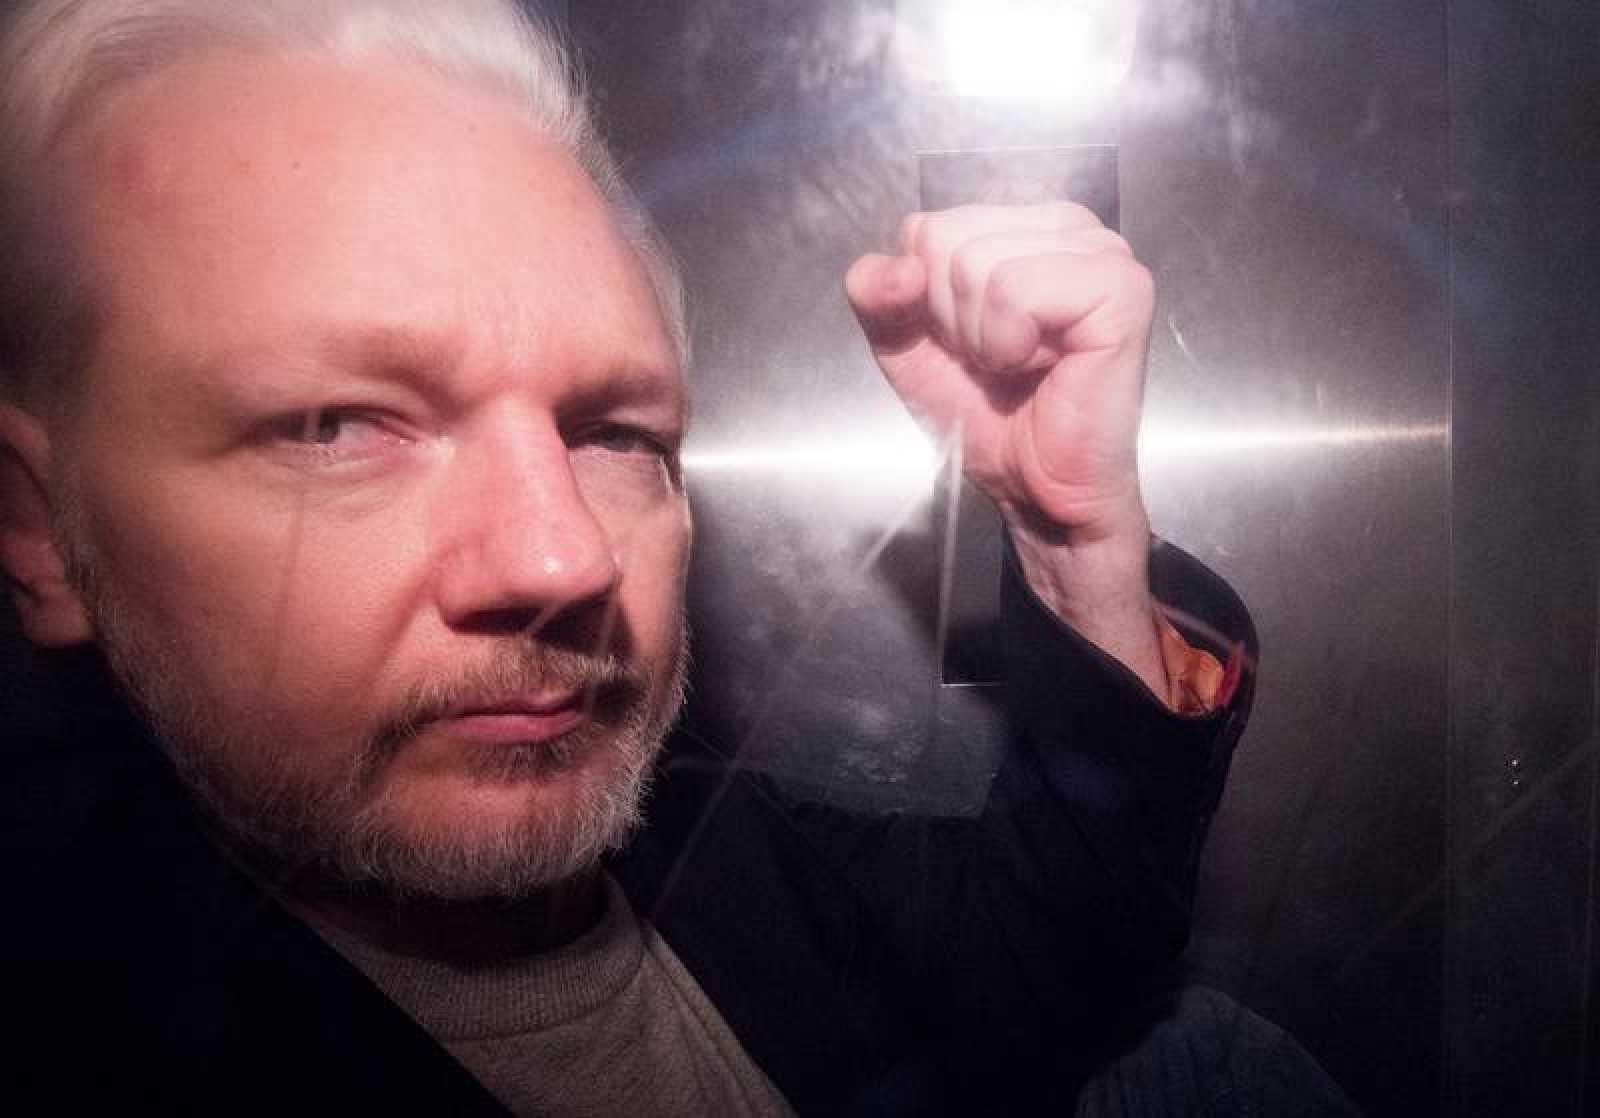 La justicia estadounidense ha solicitado formalmente a Reino Unido la extradicción del fundador de Wikileaks